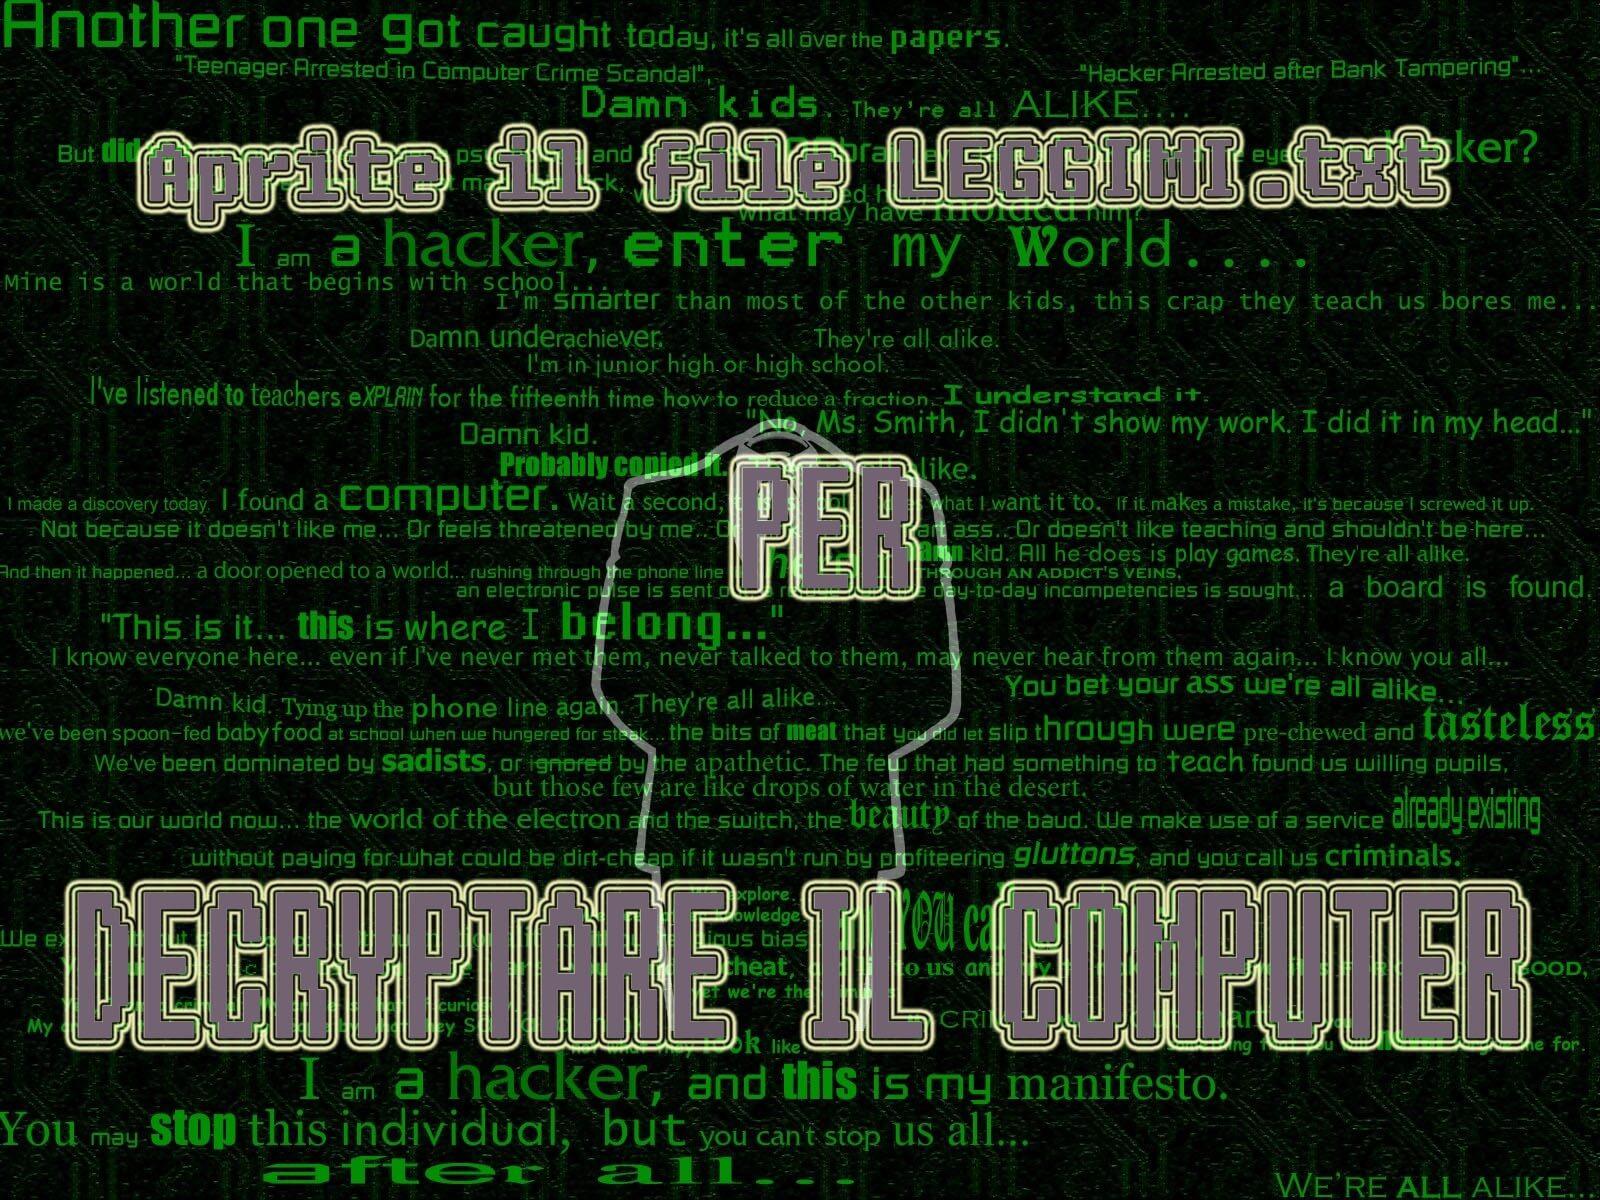 Captura de pantalla del ransomware Crypt888 v4